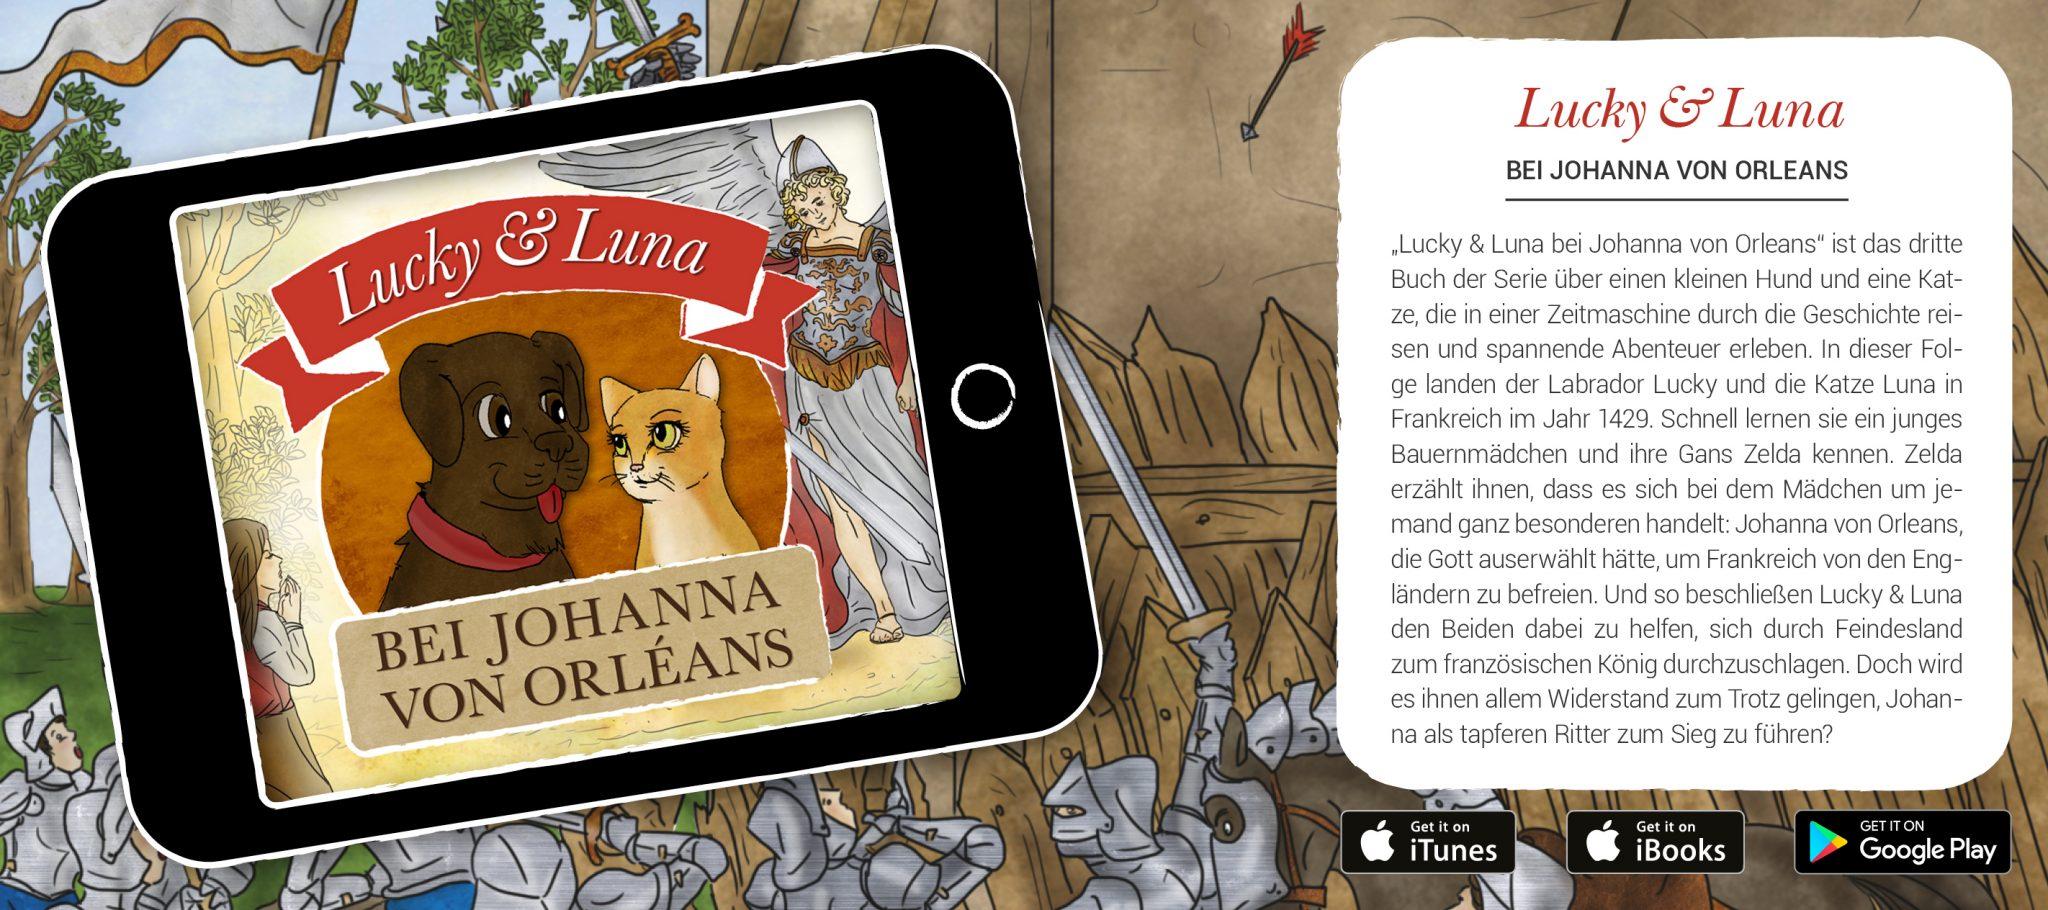 Lucky & Luna bei Johanna von Orleans